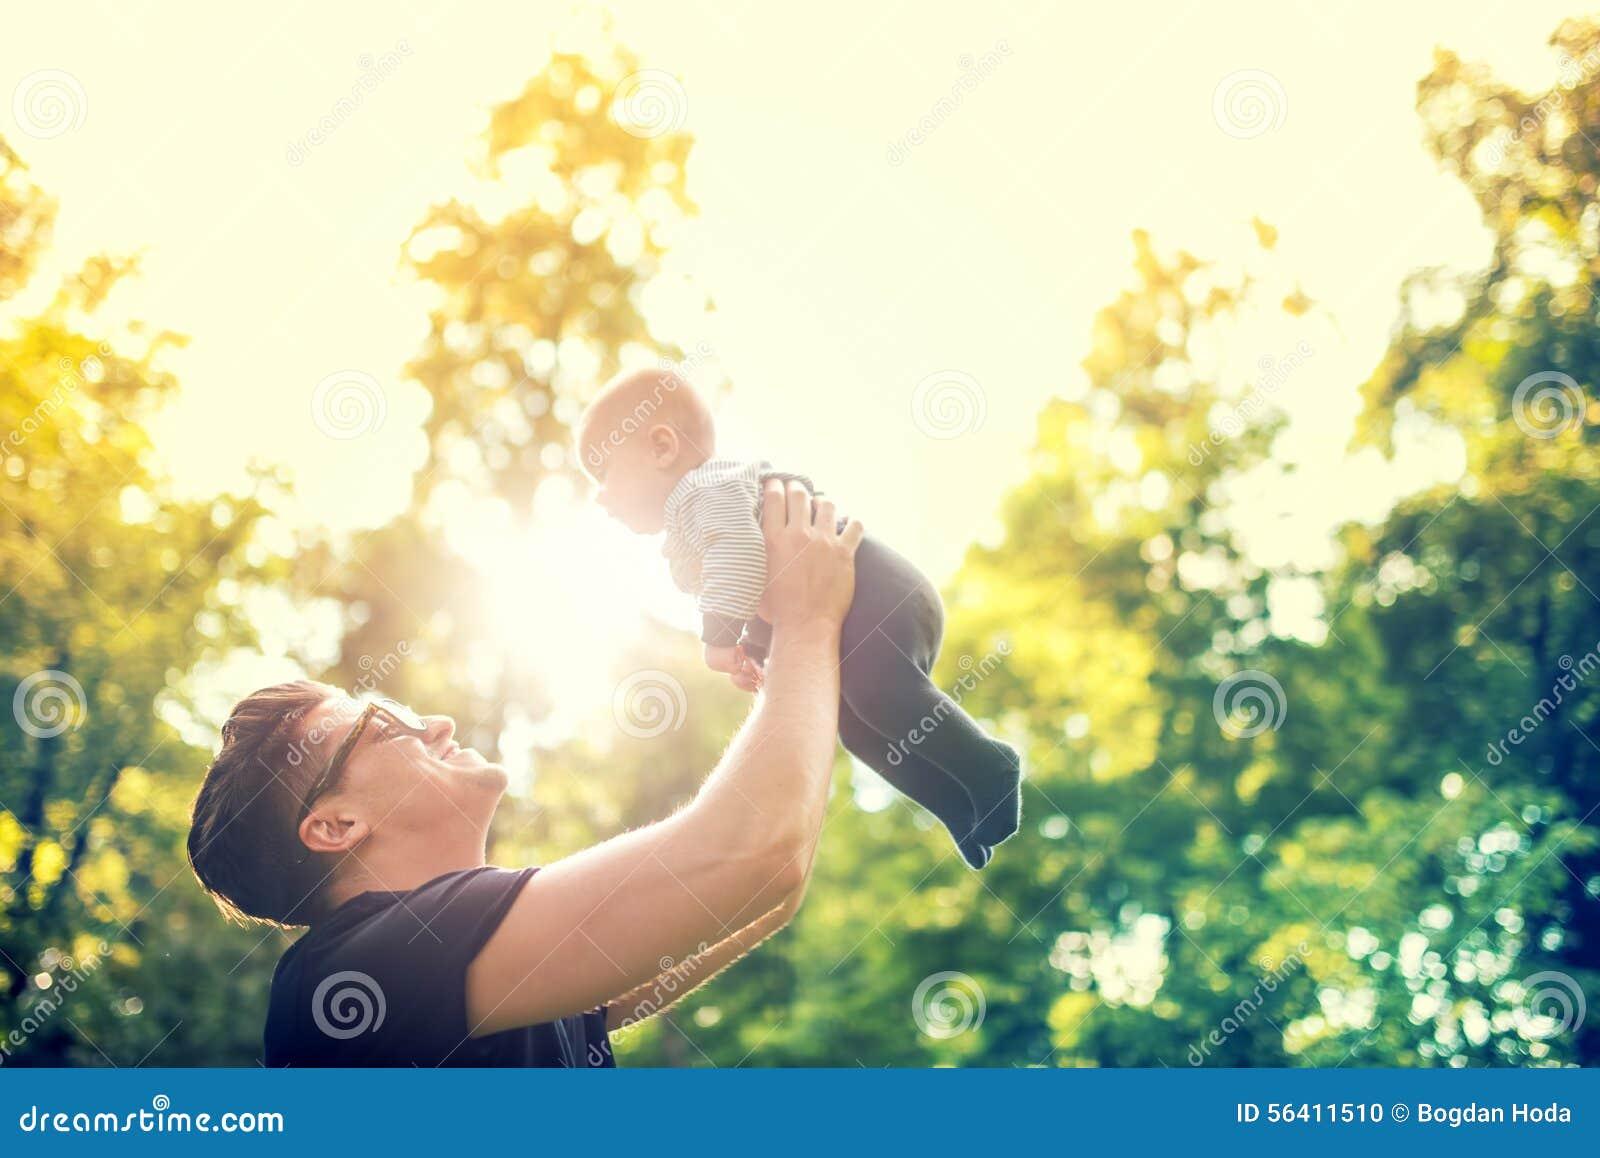 生拿着胳膊的小孩,投掷空气的婴孩 愉快的家庭的概念,反对光的葡萄酒作用